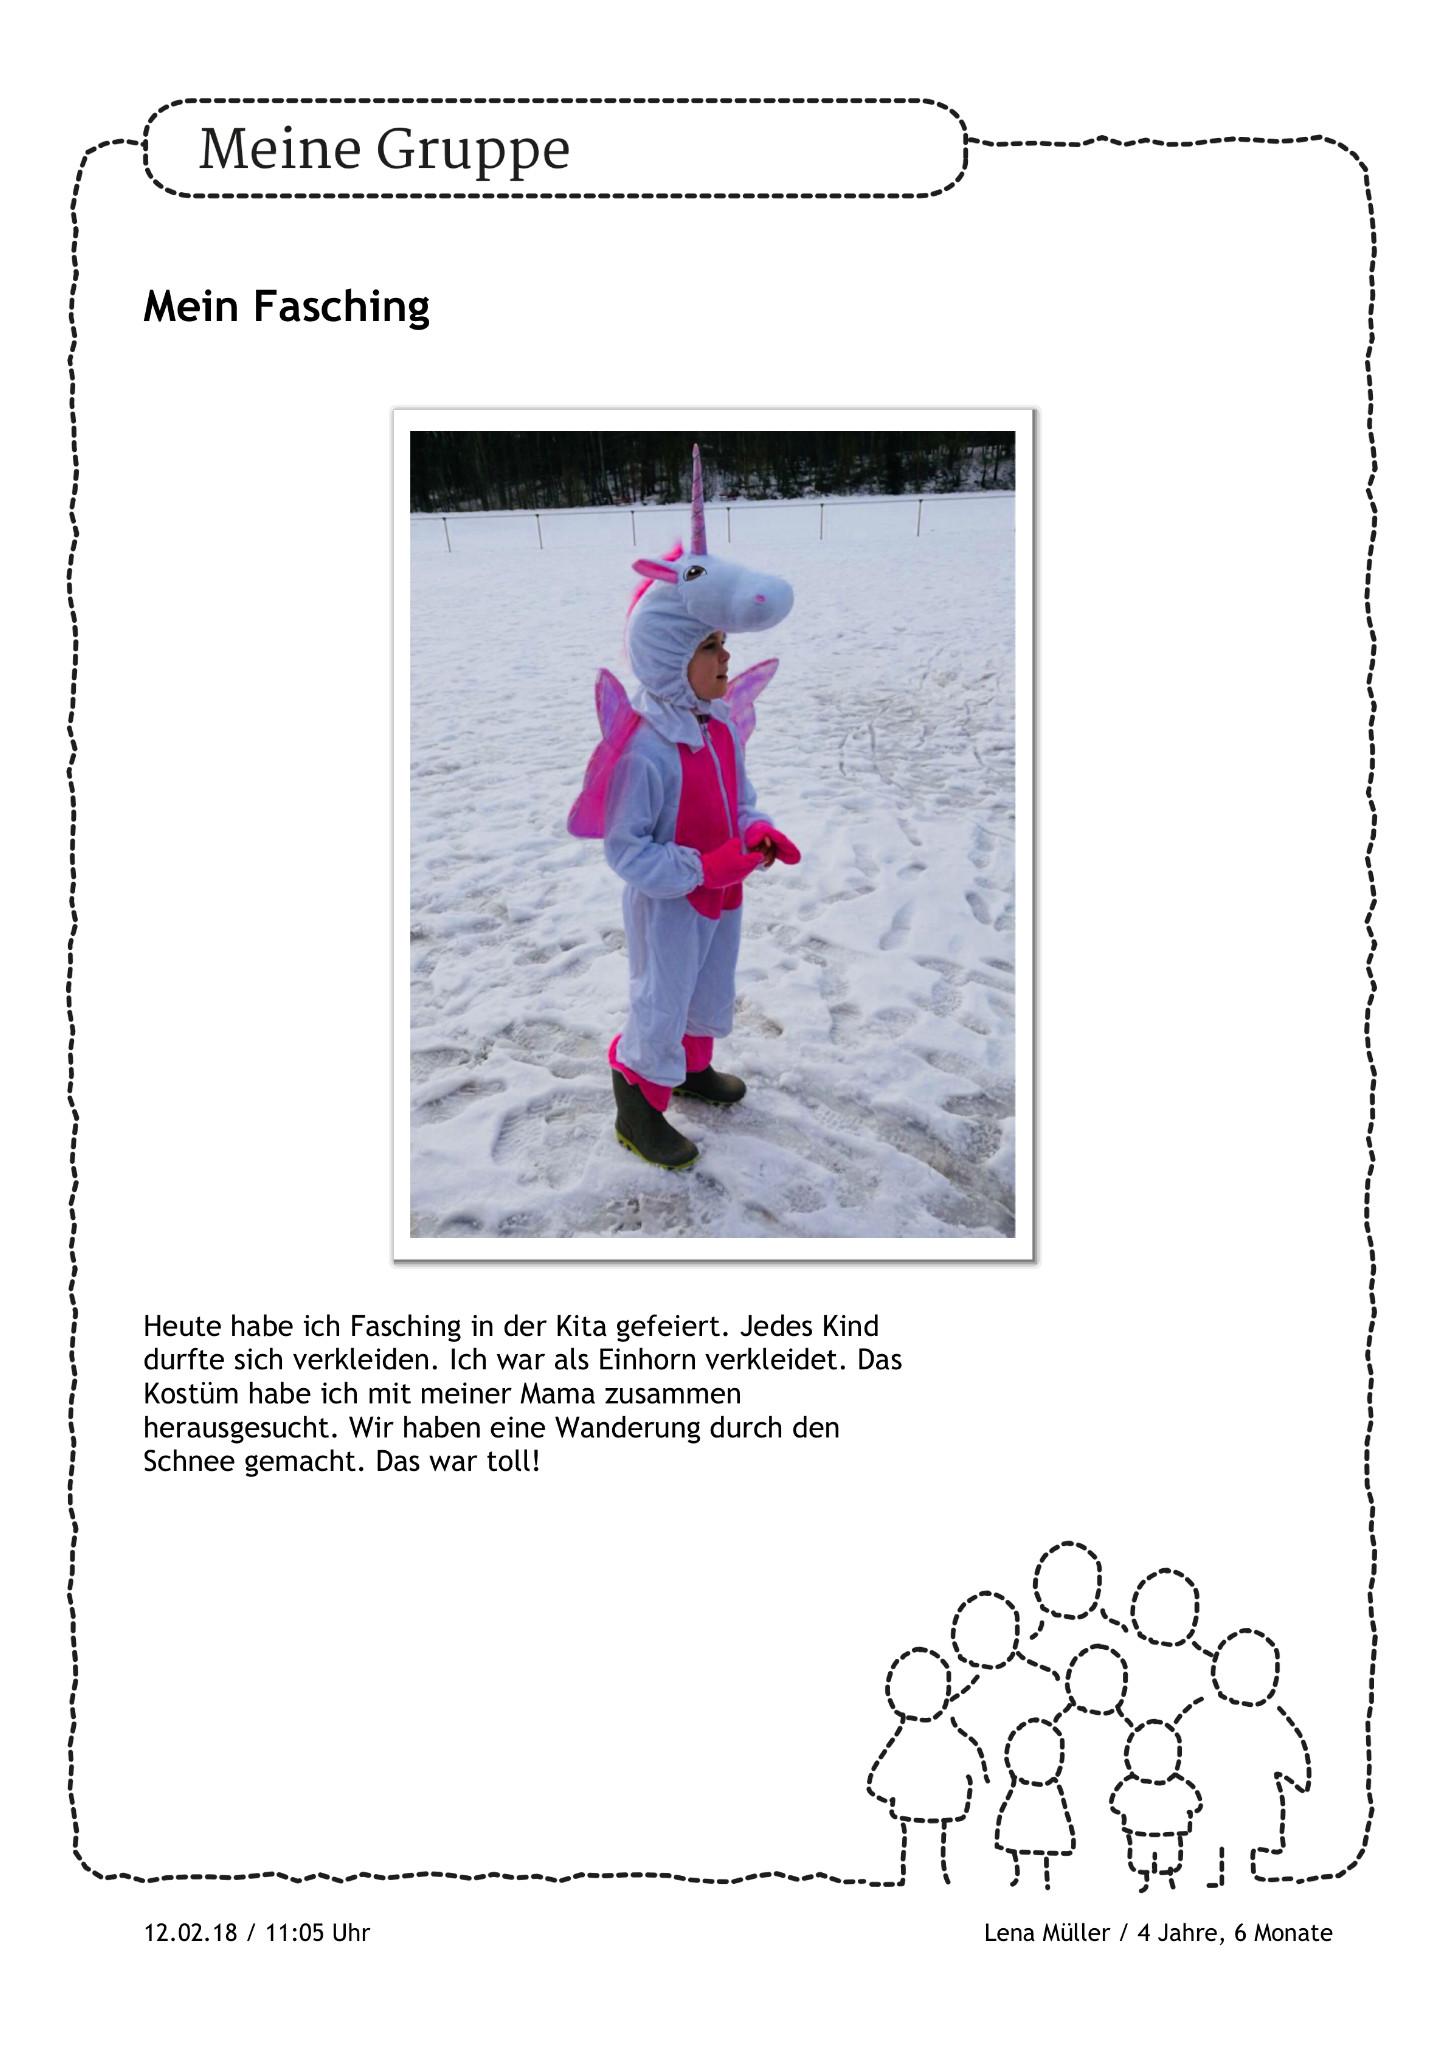 Pinterest Fasching Basteln Das Beste Von Karneval Fasching Fasnet Kita Kinder Verkleidung Spaß Bild